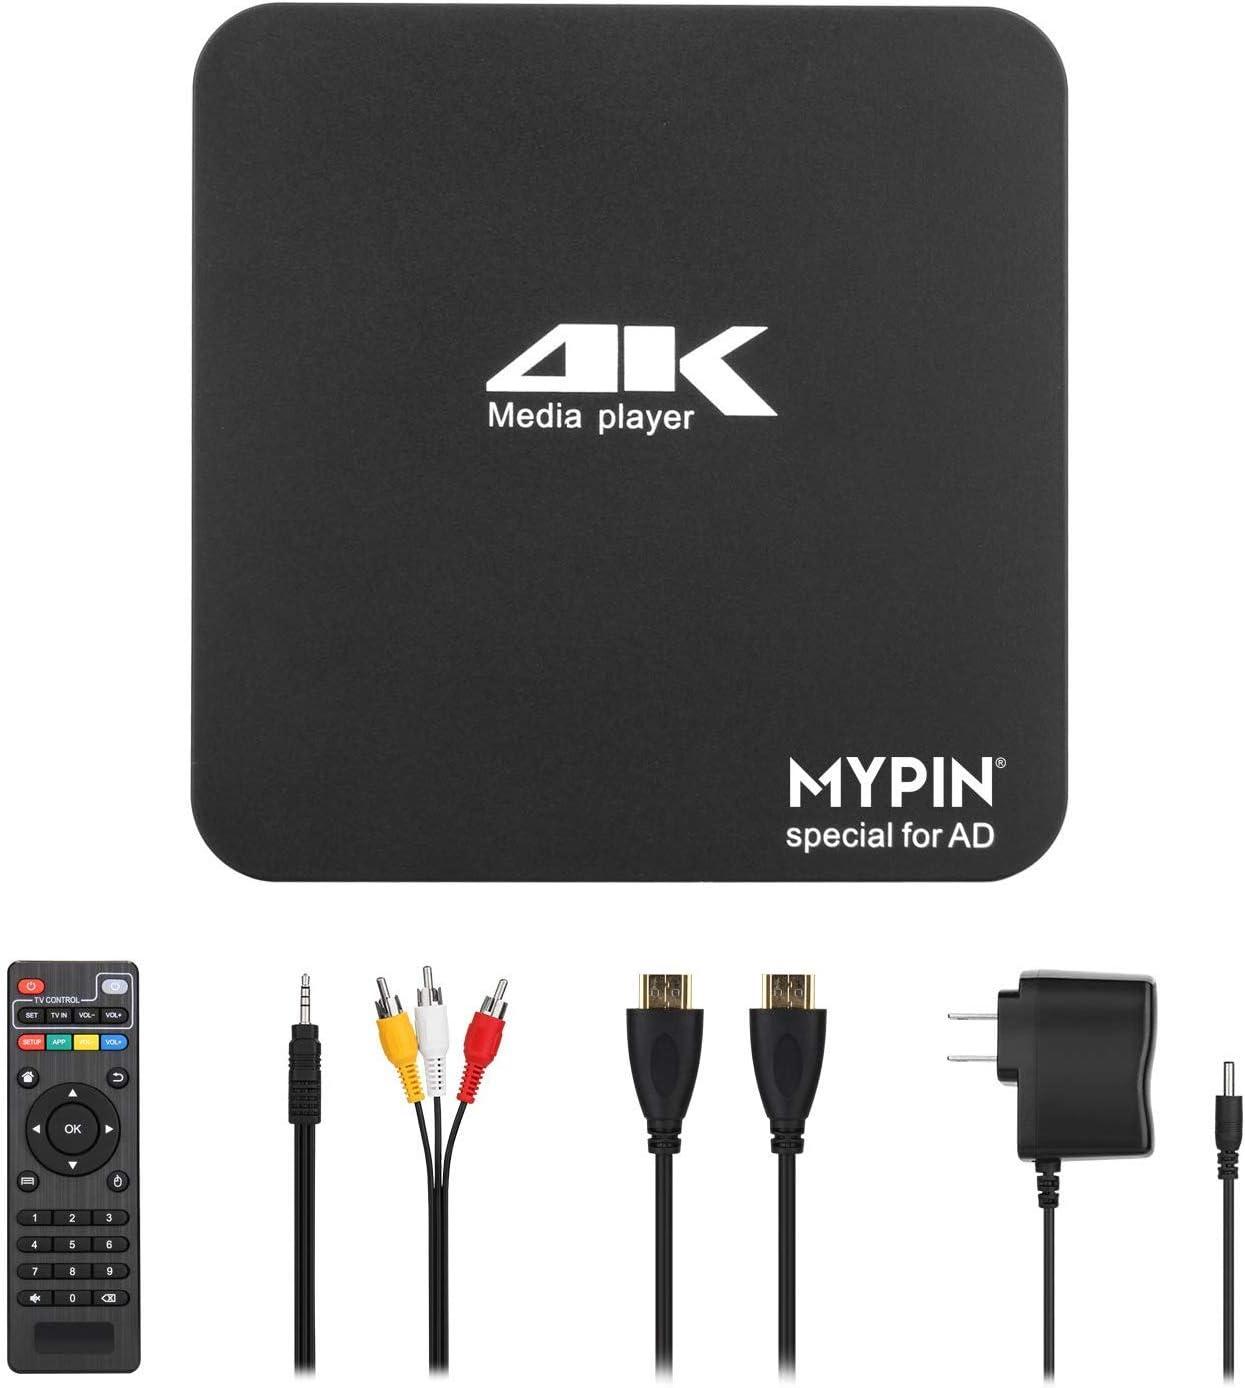 MYPIN Reproductor multimedia digital 4K Ultra-HD Entrada 2USB Salida HDMI AV PPT MKV AVI RMVB RM para HDTV con control remoto compatible con unidades USB y tarjetas SD